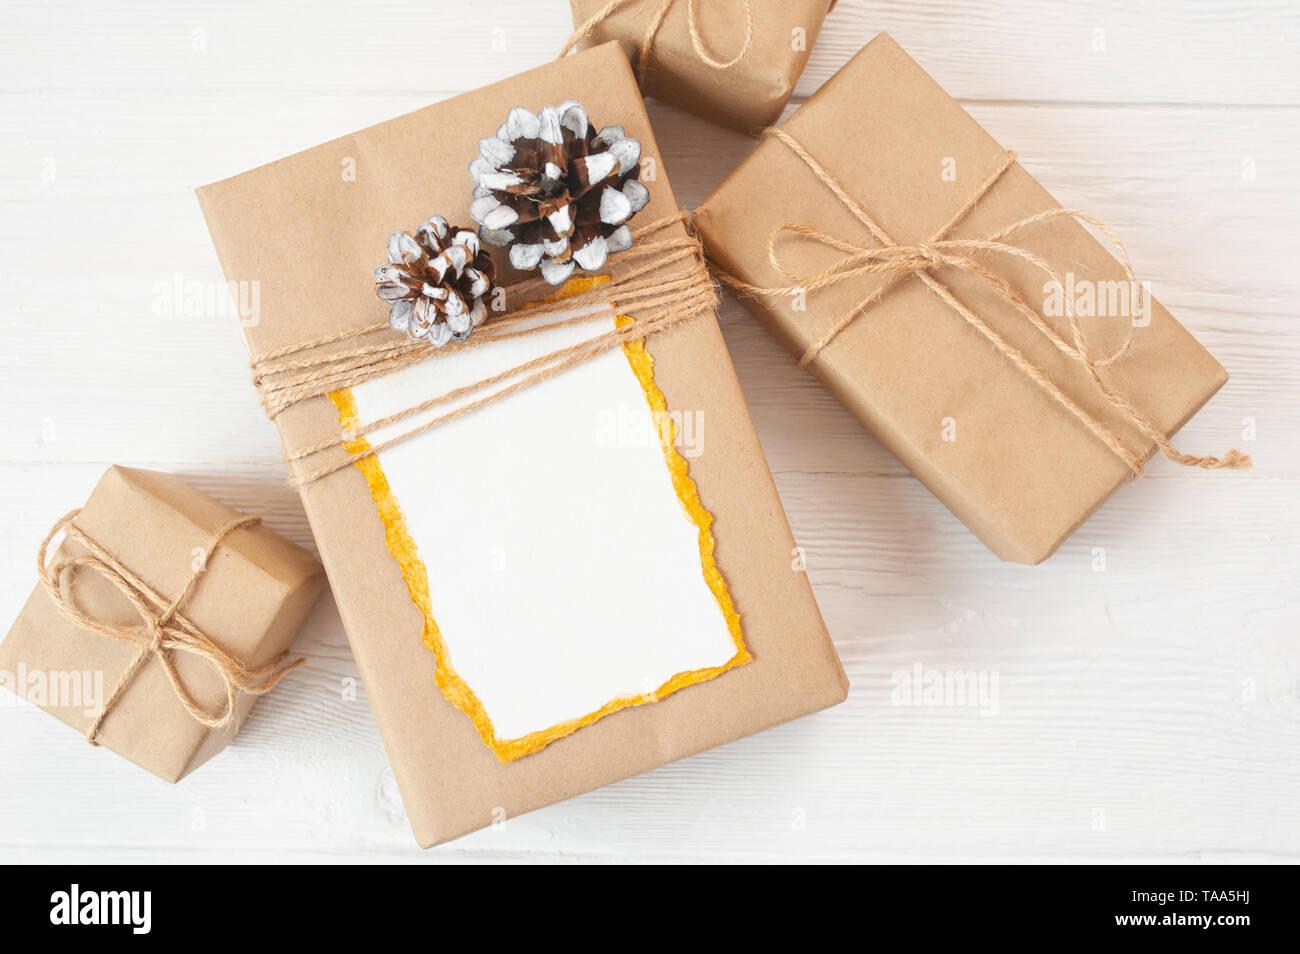 Weihnachten Hintergrund für Grußkarte Blatt Papier mit Platz für Text. Geschenkverpackung auf Holz- Hintergrund. Flach, Ansicht von oben Foto mockup. Stockbild